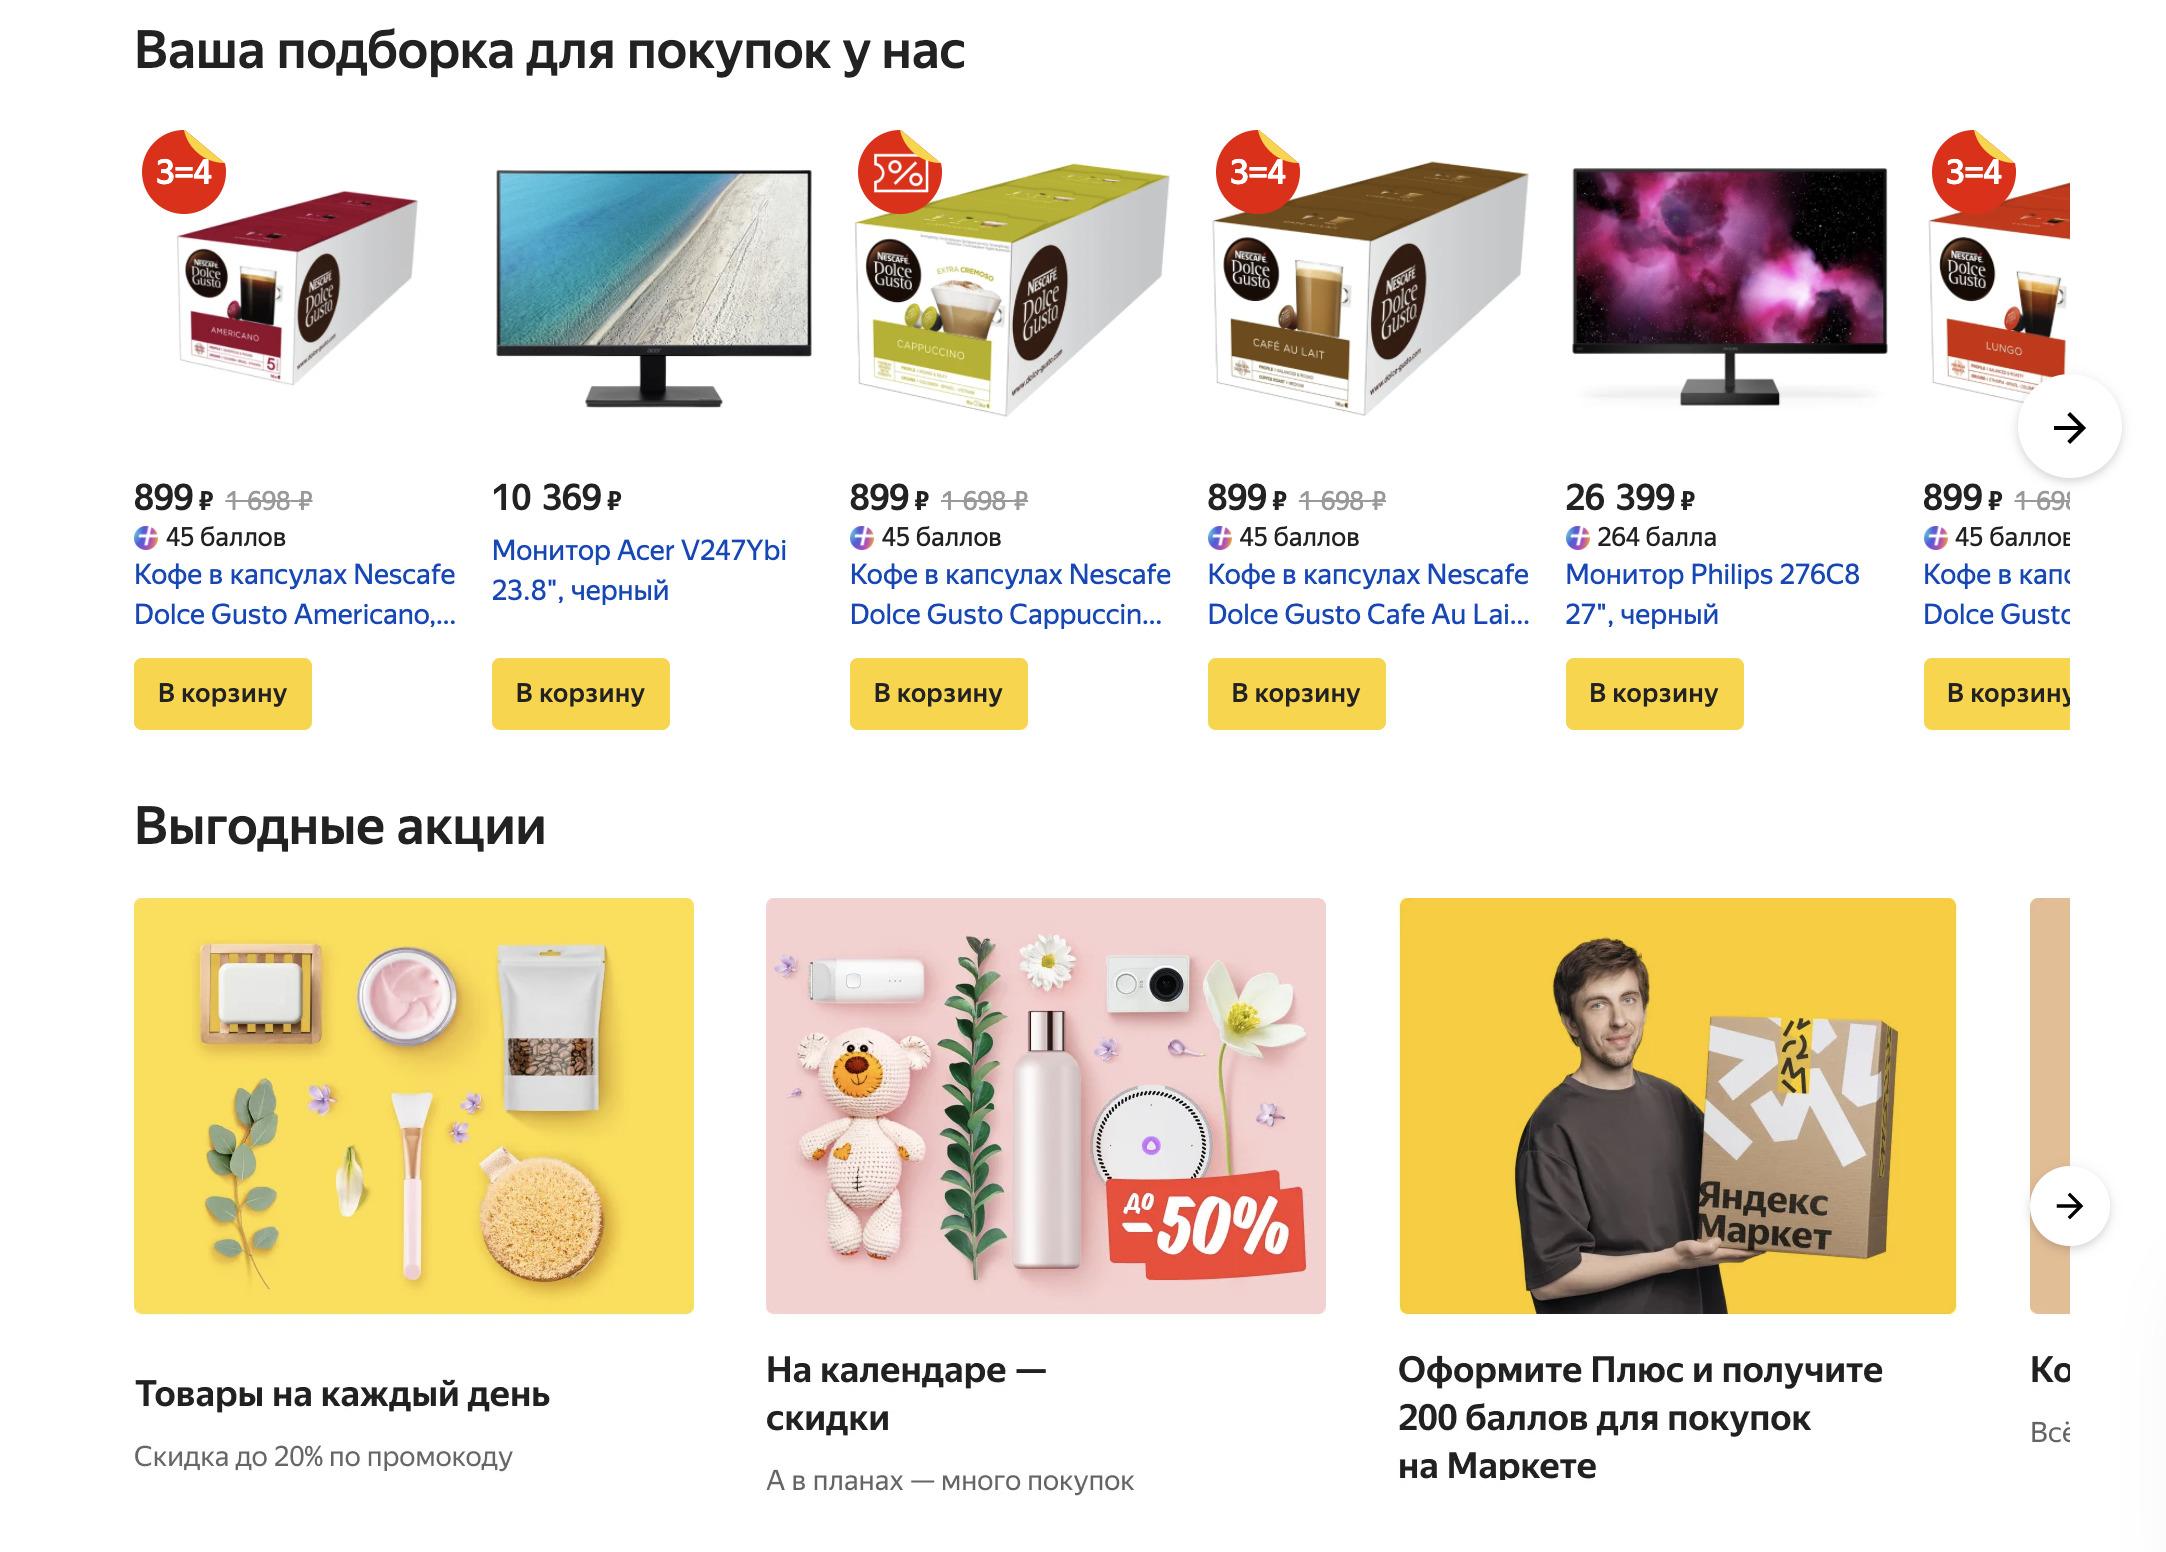 Доставка из Яндекс.Маркет в Владимирскую область, сроки, пункты выдачи, каталог